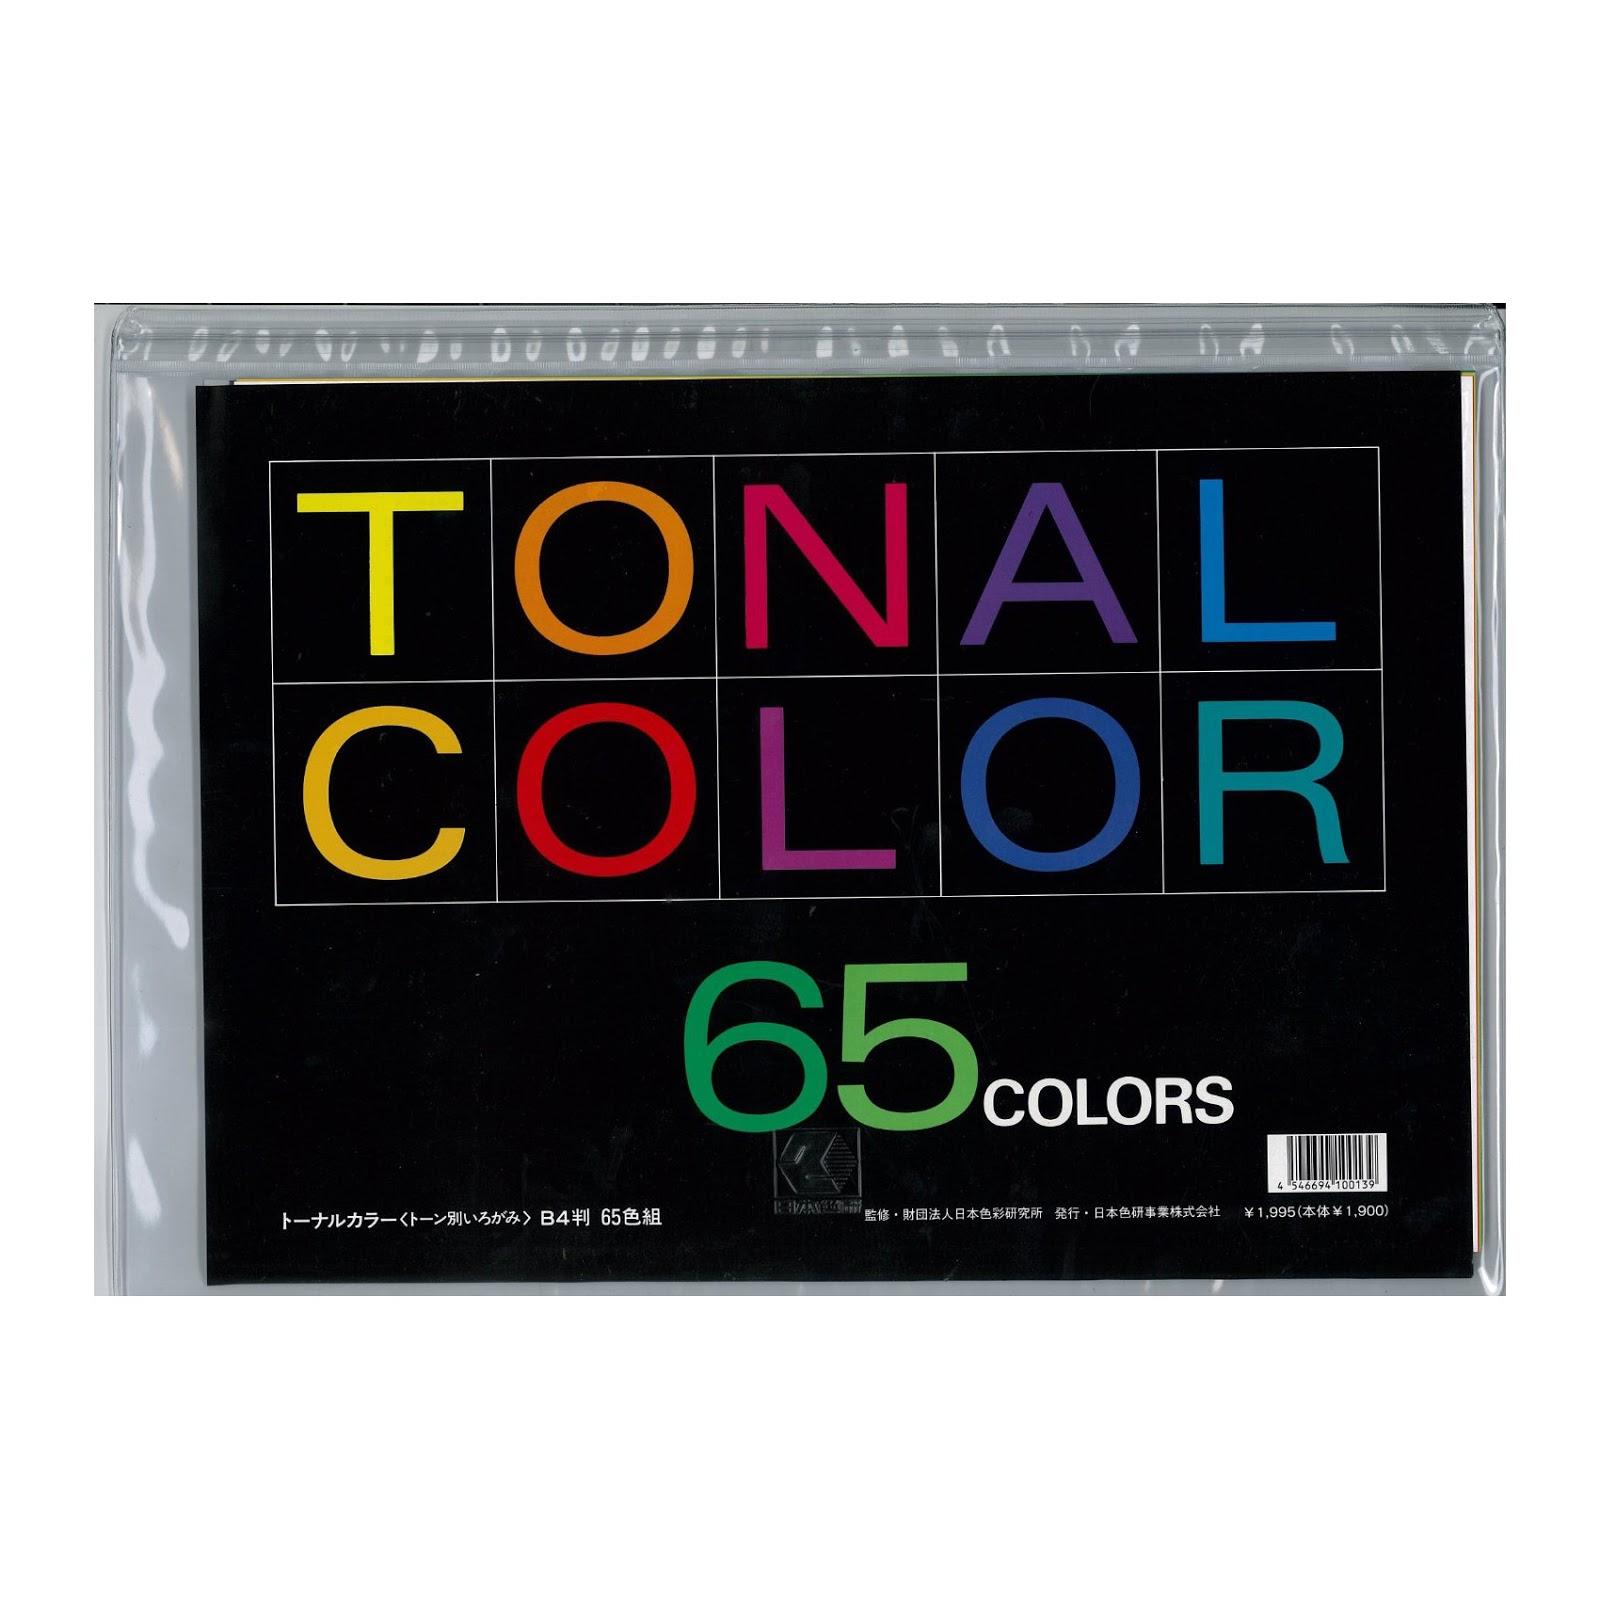 トーナルカラー B4判 65色 ビニールケース入